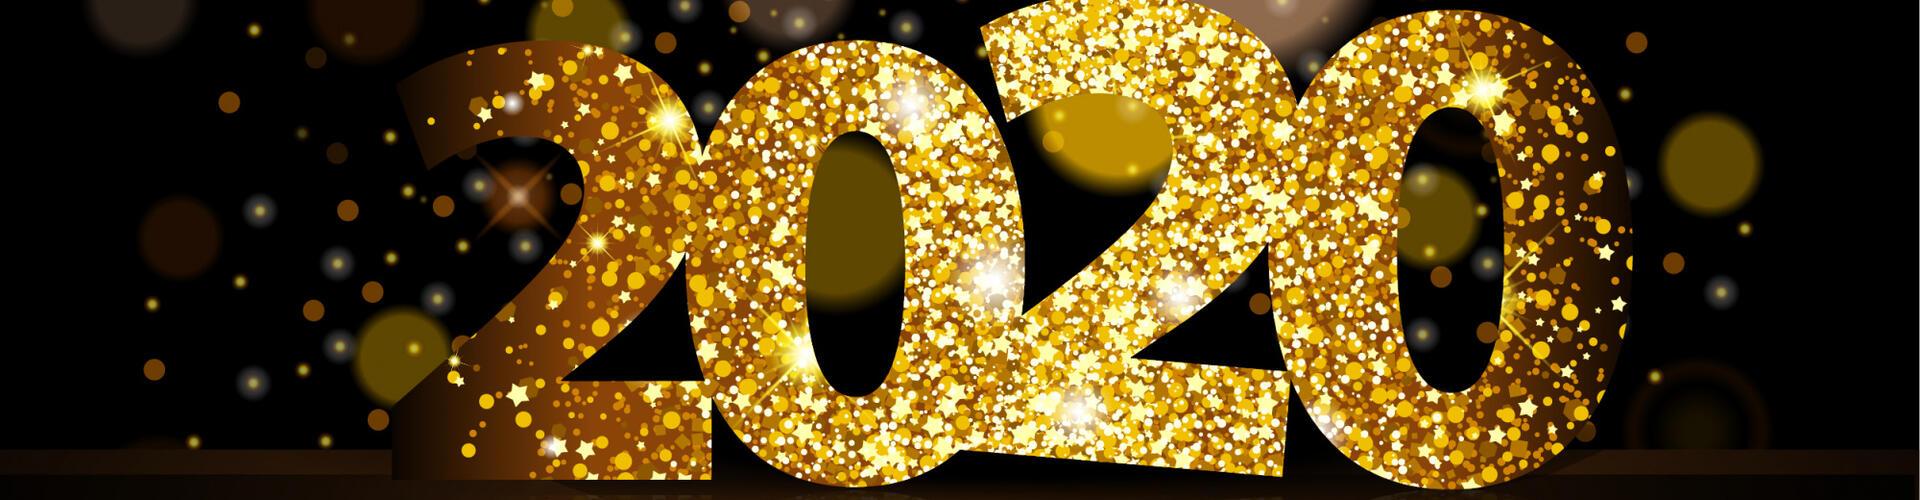 Capodanno in hotel con Grande Veglione, Pranzo di Gala e musica dal vivo a San Giovanni Rotondo